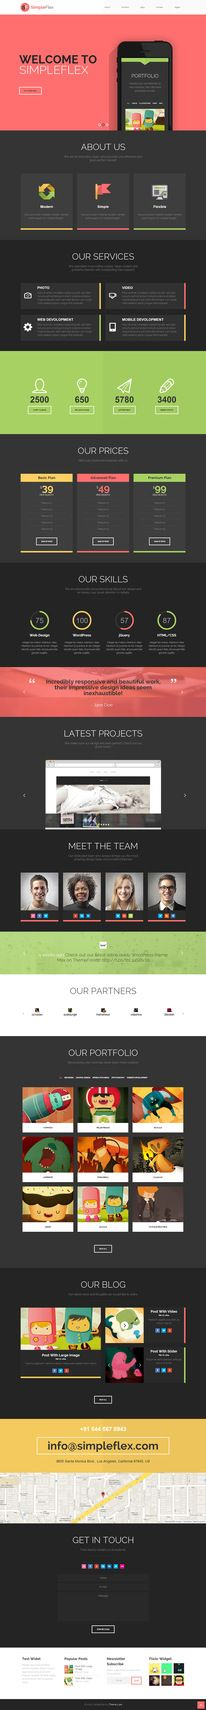 Flat One Page WordPress Theme — Designspiration